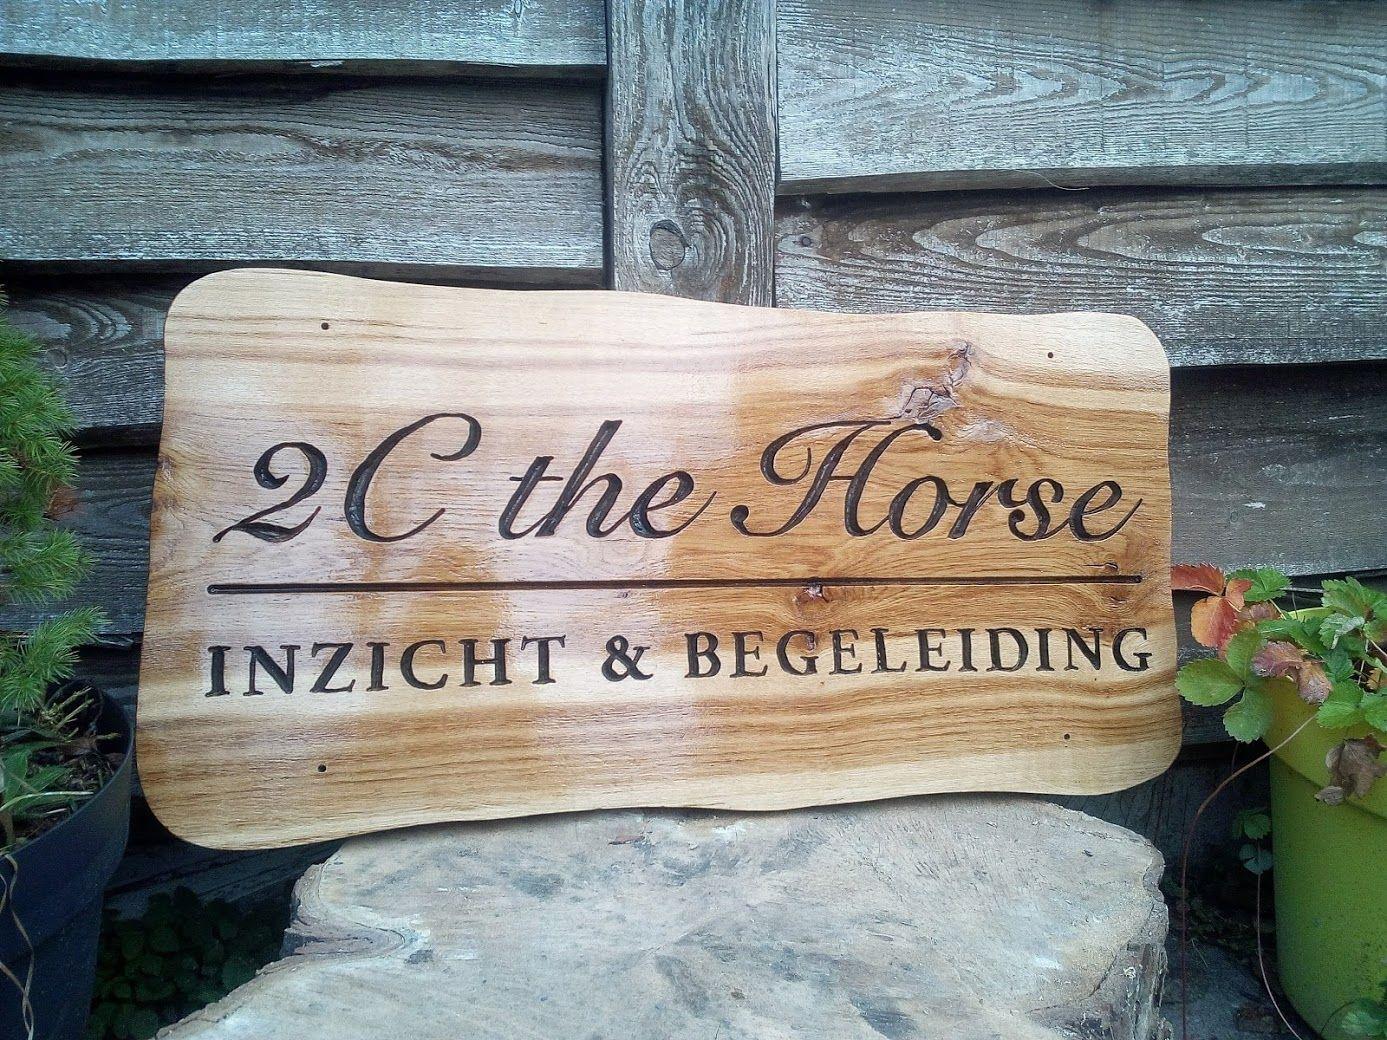 Prachtig Project Afgerond Voor 2cthehorse Mooie Bedrijfsborden Custommade Bordjes Voor Op Hekken En Toegangspoorten En De Deur Op Eiken Naambord Hout Hekken